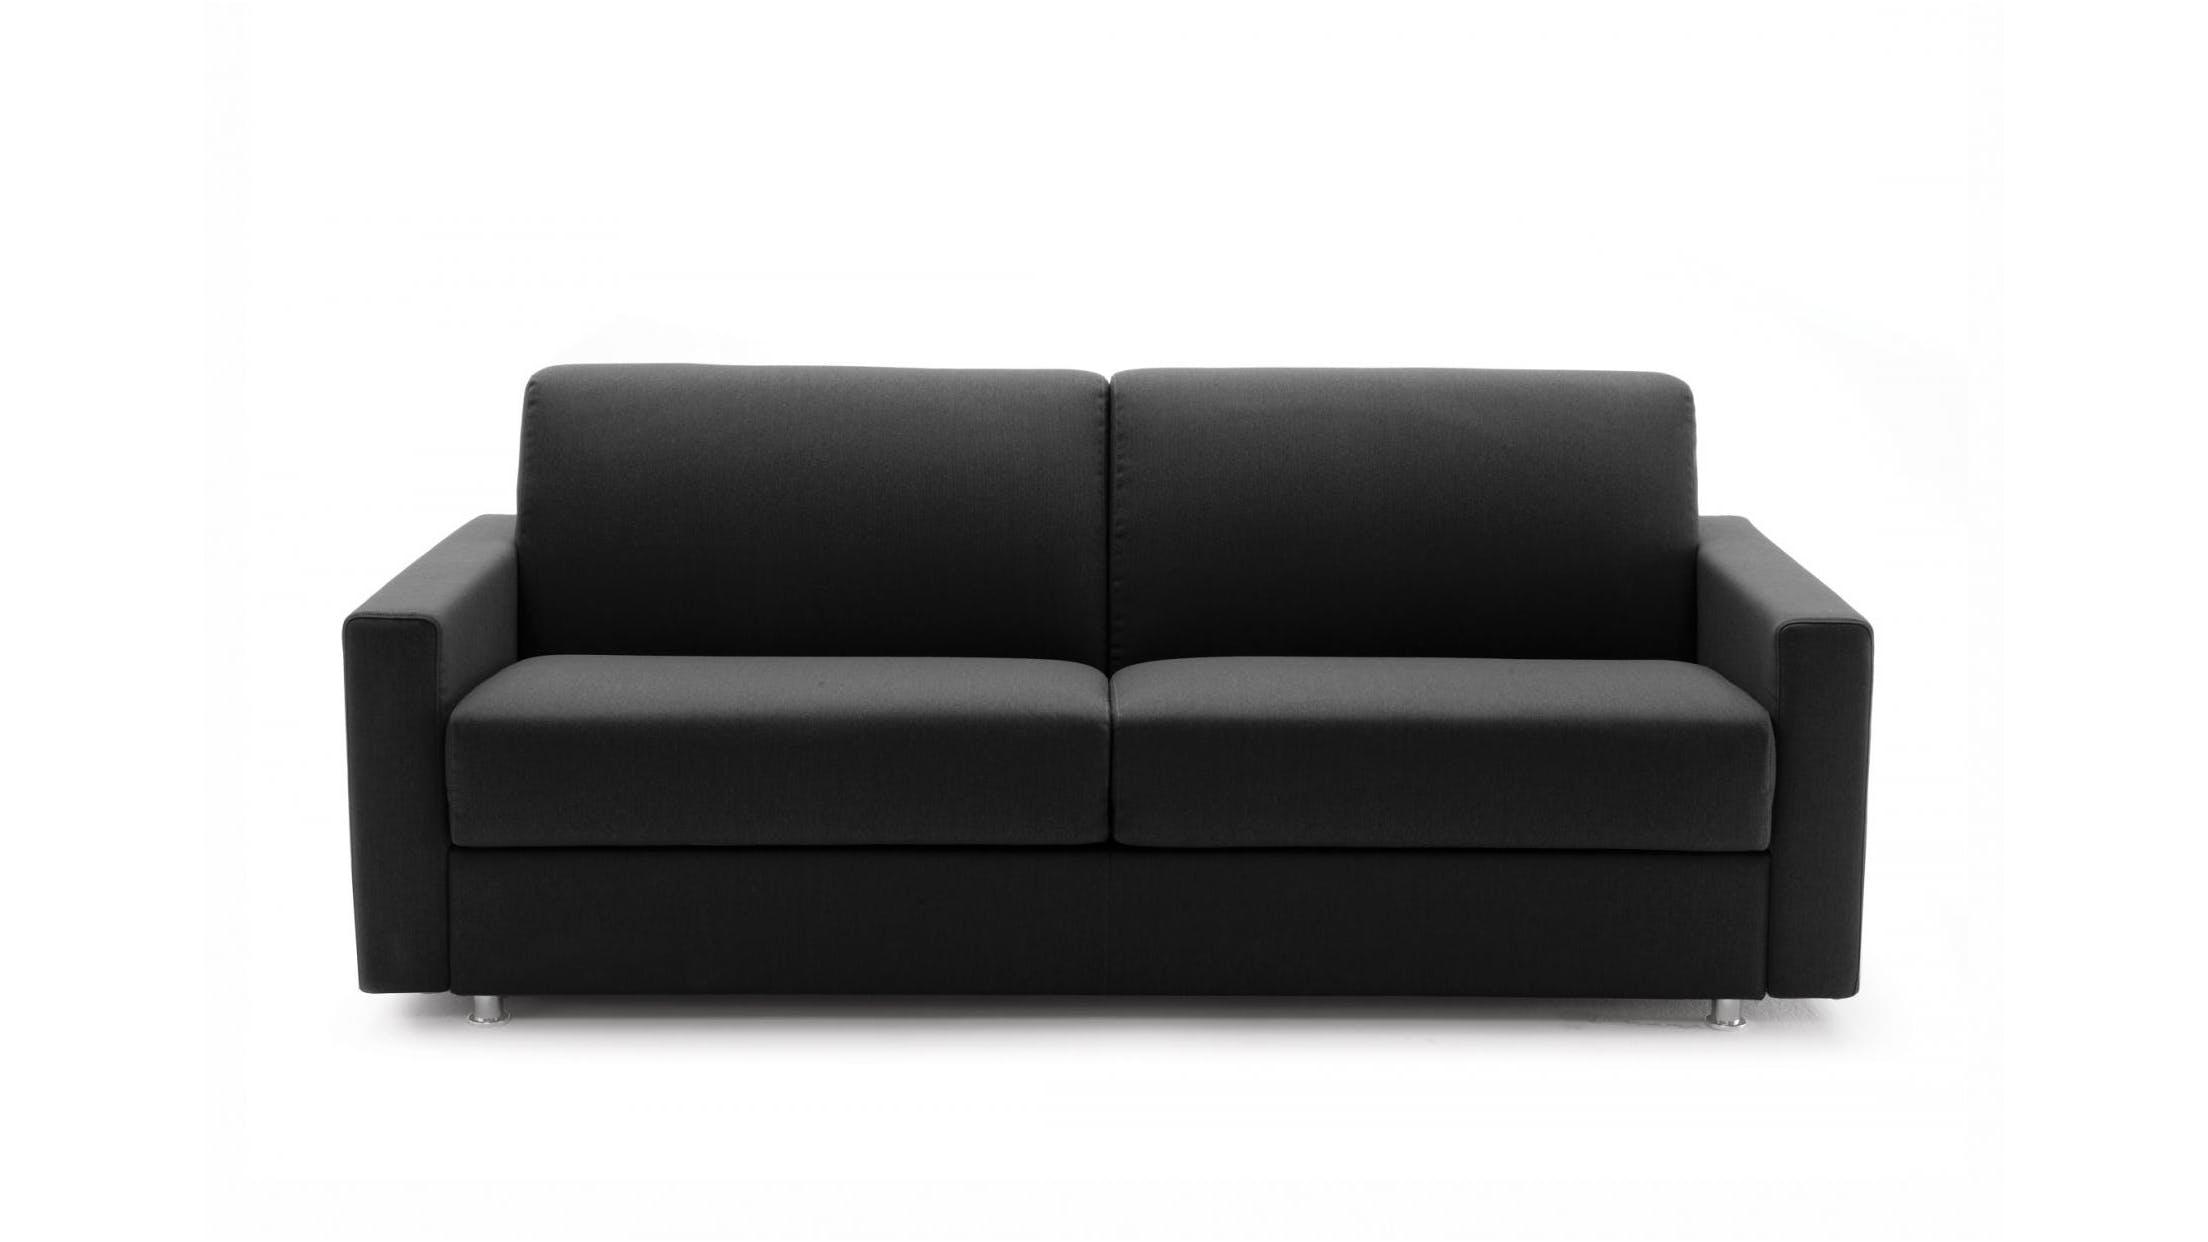 Sofa bed harvey norman malaysia refil sofa for Sofa bed harveys